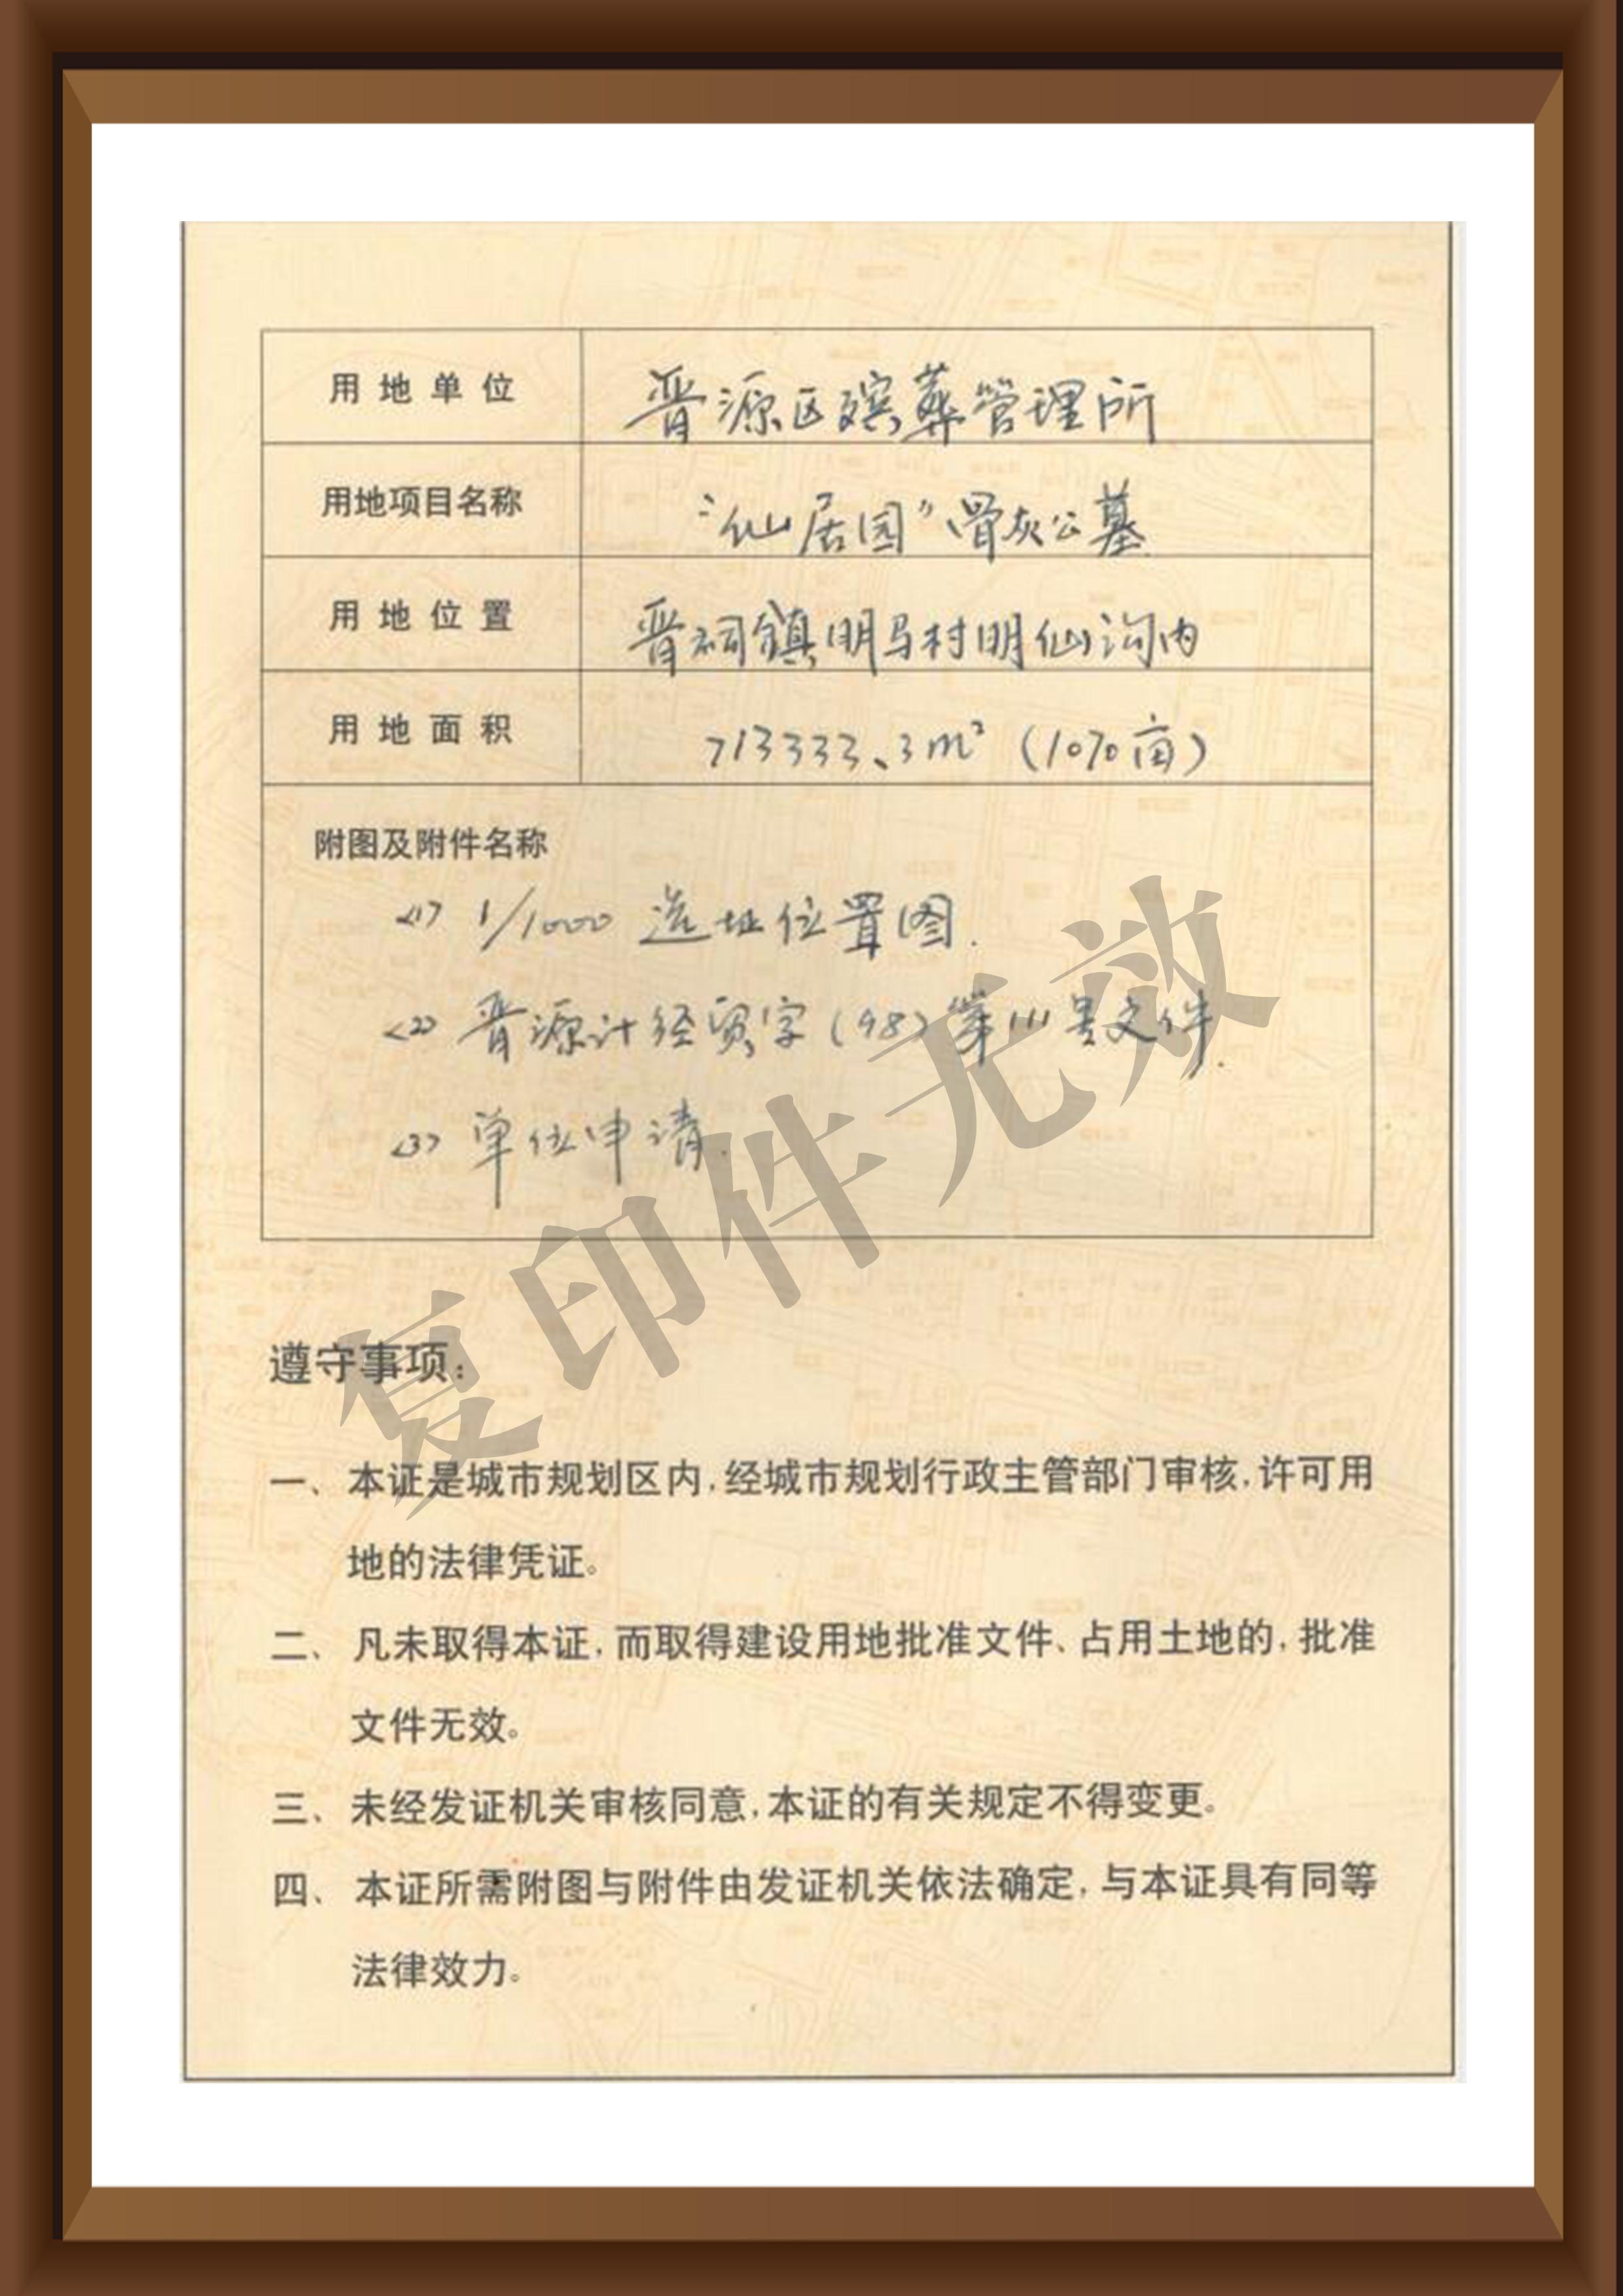 規劃許可證3